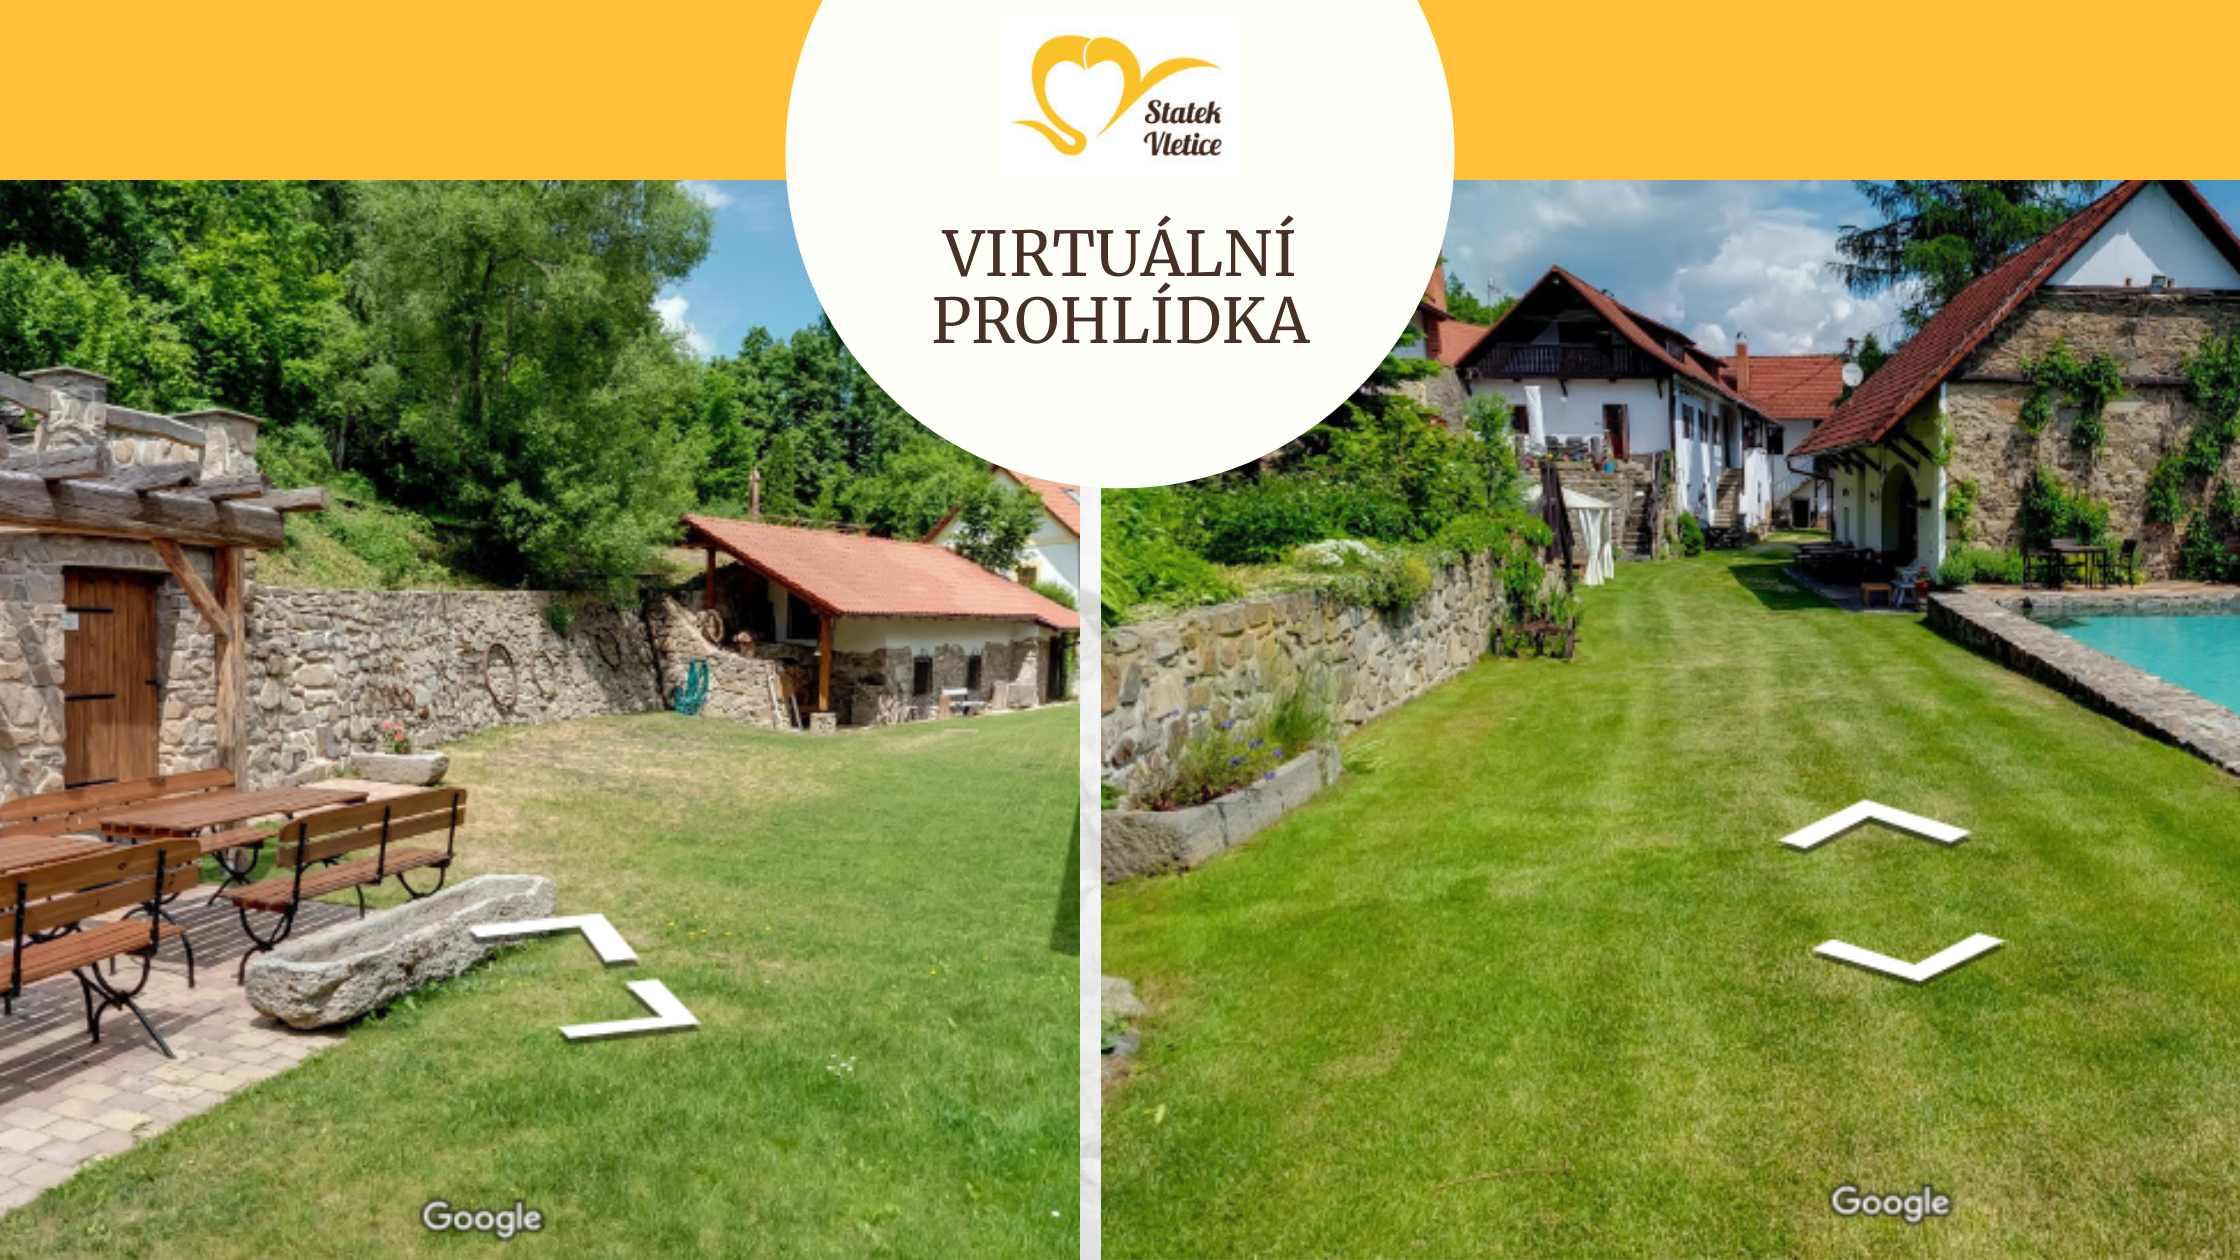 Virtuální prohlídky statku Vletice